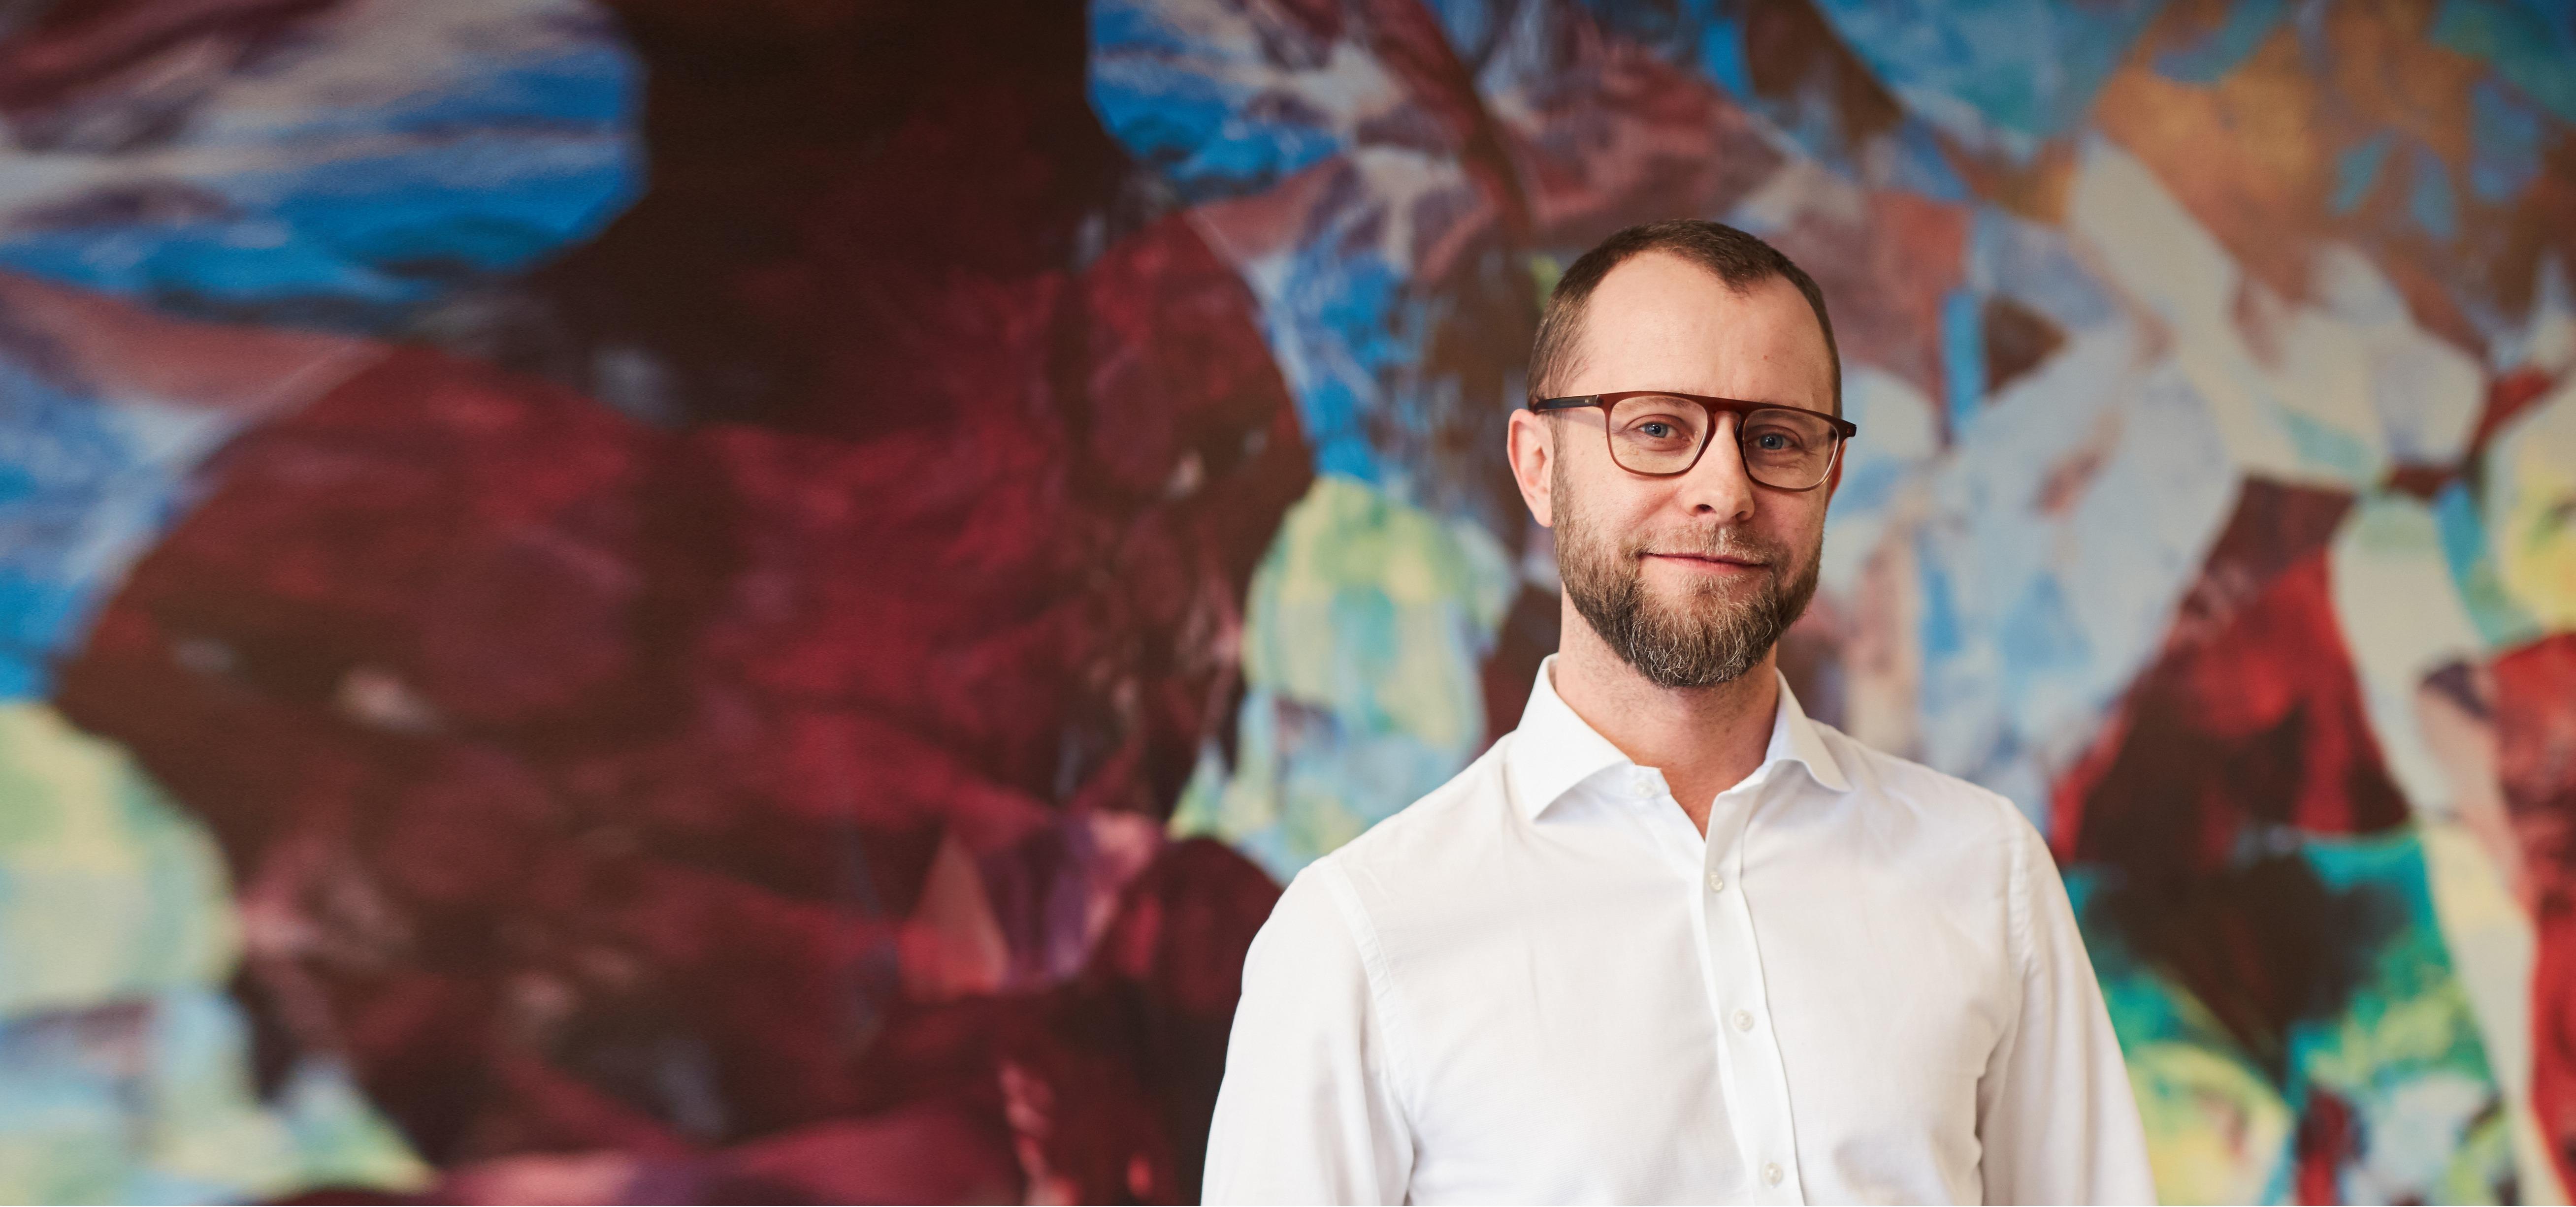 ekonomia: dr Michał Pronobis